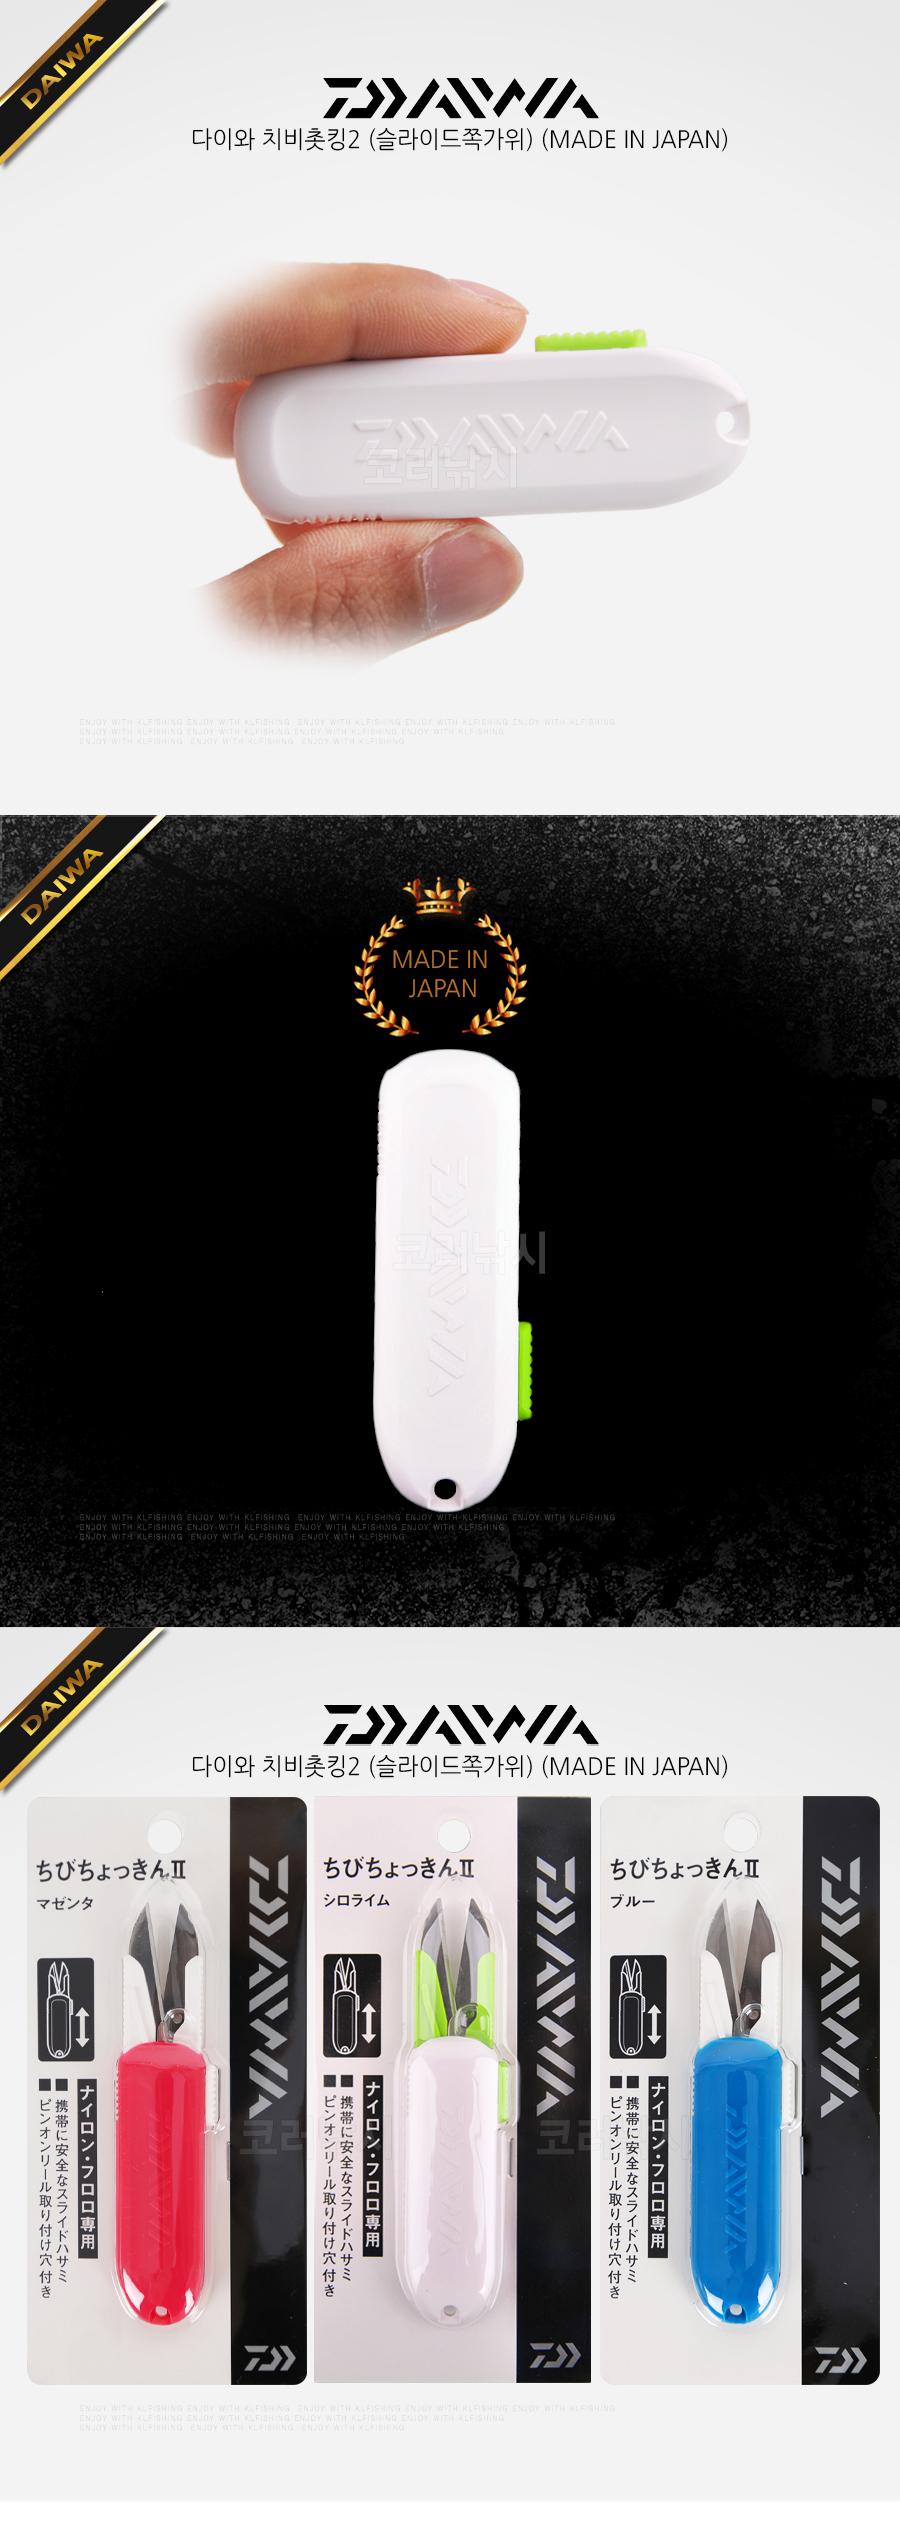 다이와 치비촛킹2 (슬라이드쪽가위) (MADE IN JAPAN) 소형가위 시로라임칼라